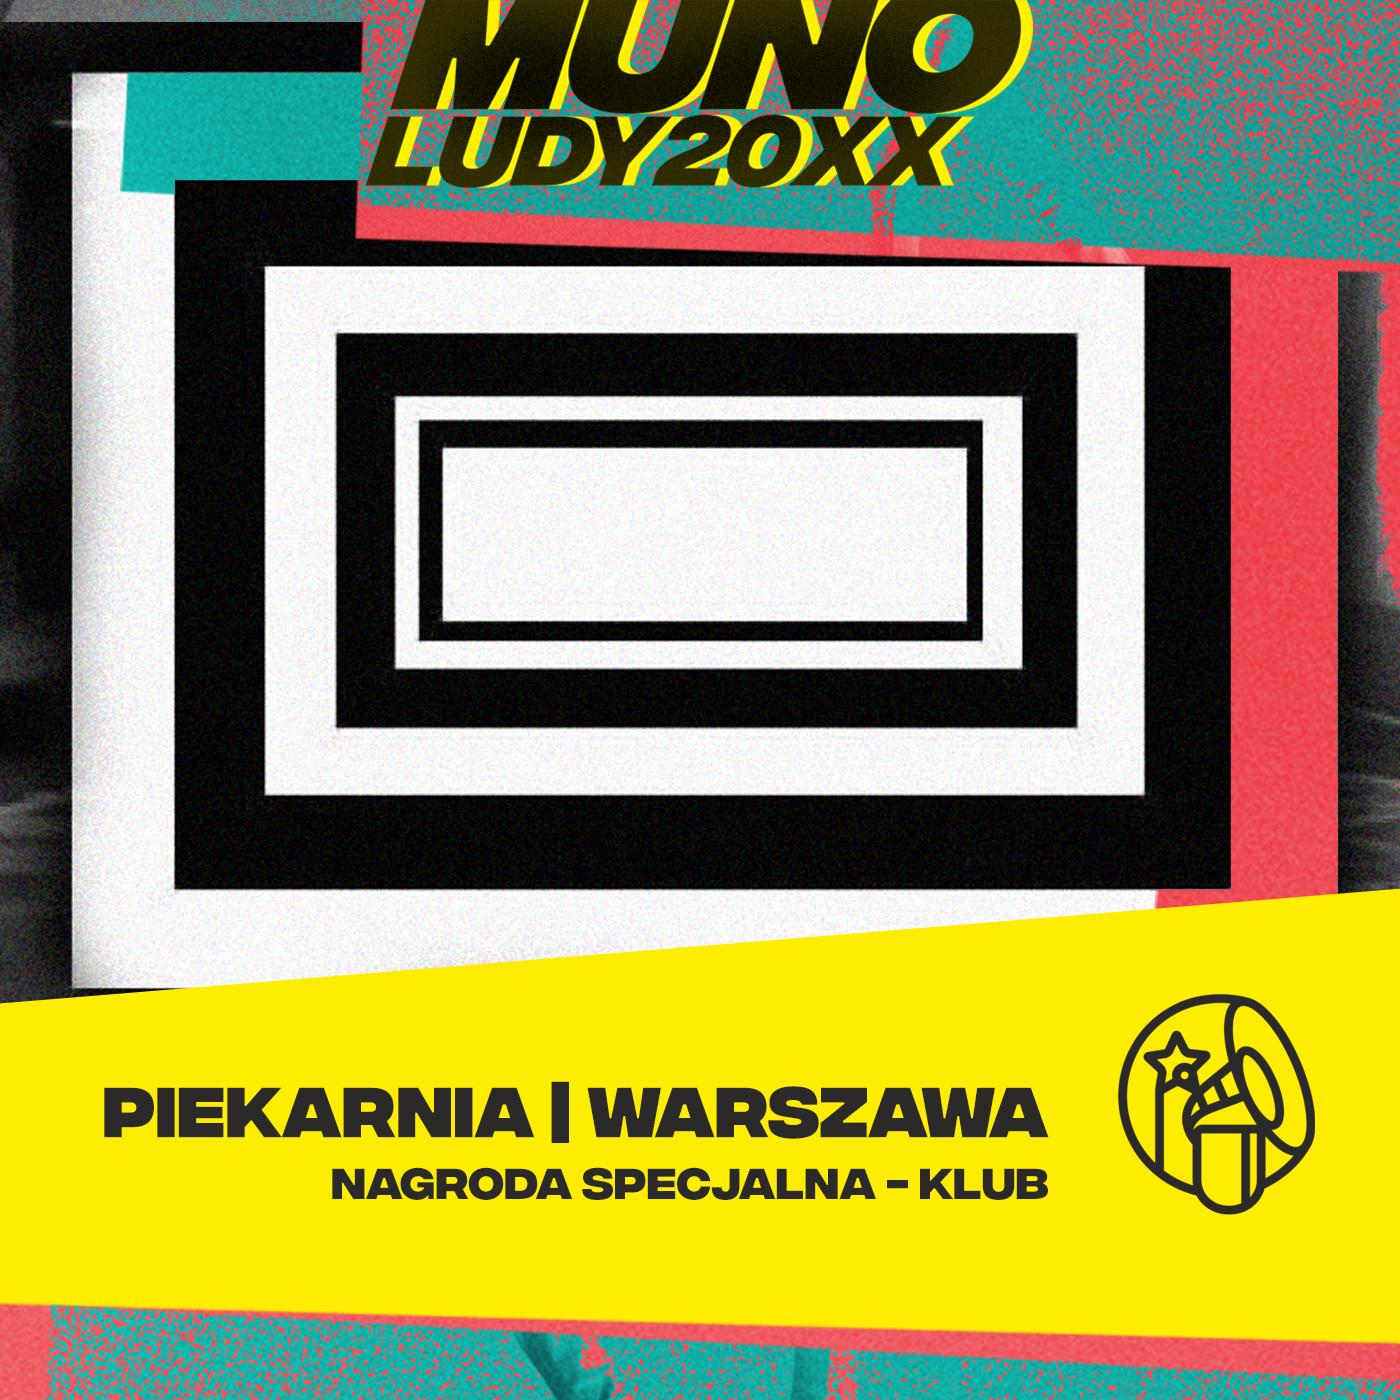 Nagroda Specjalna Munoludy 20XX - Klub: Klub Piekarnia, Warszawa